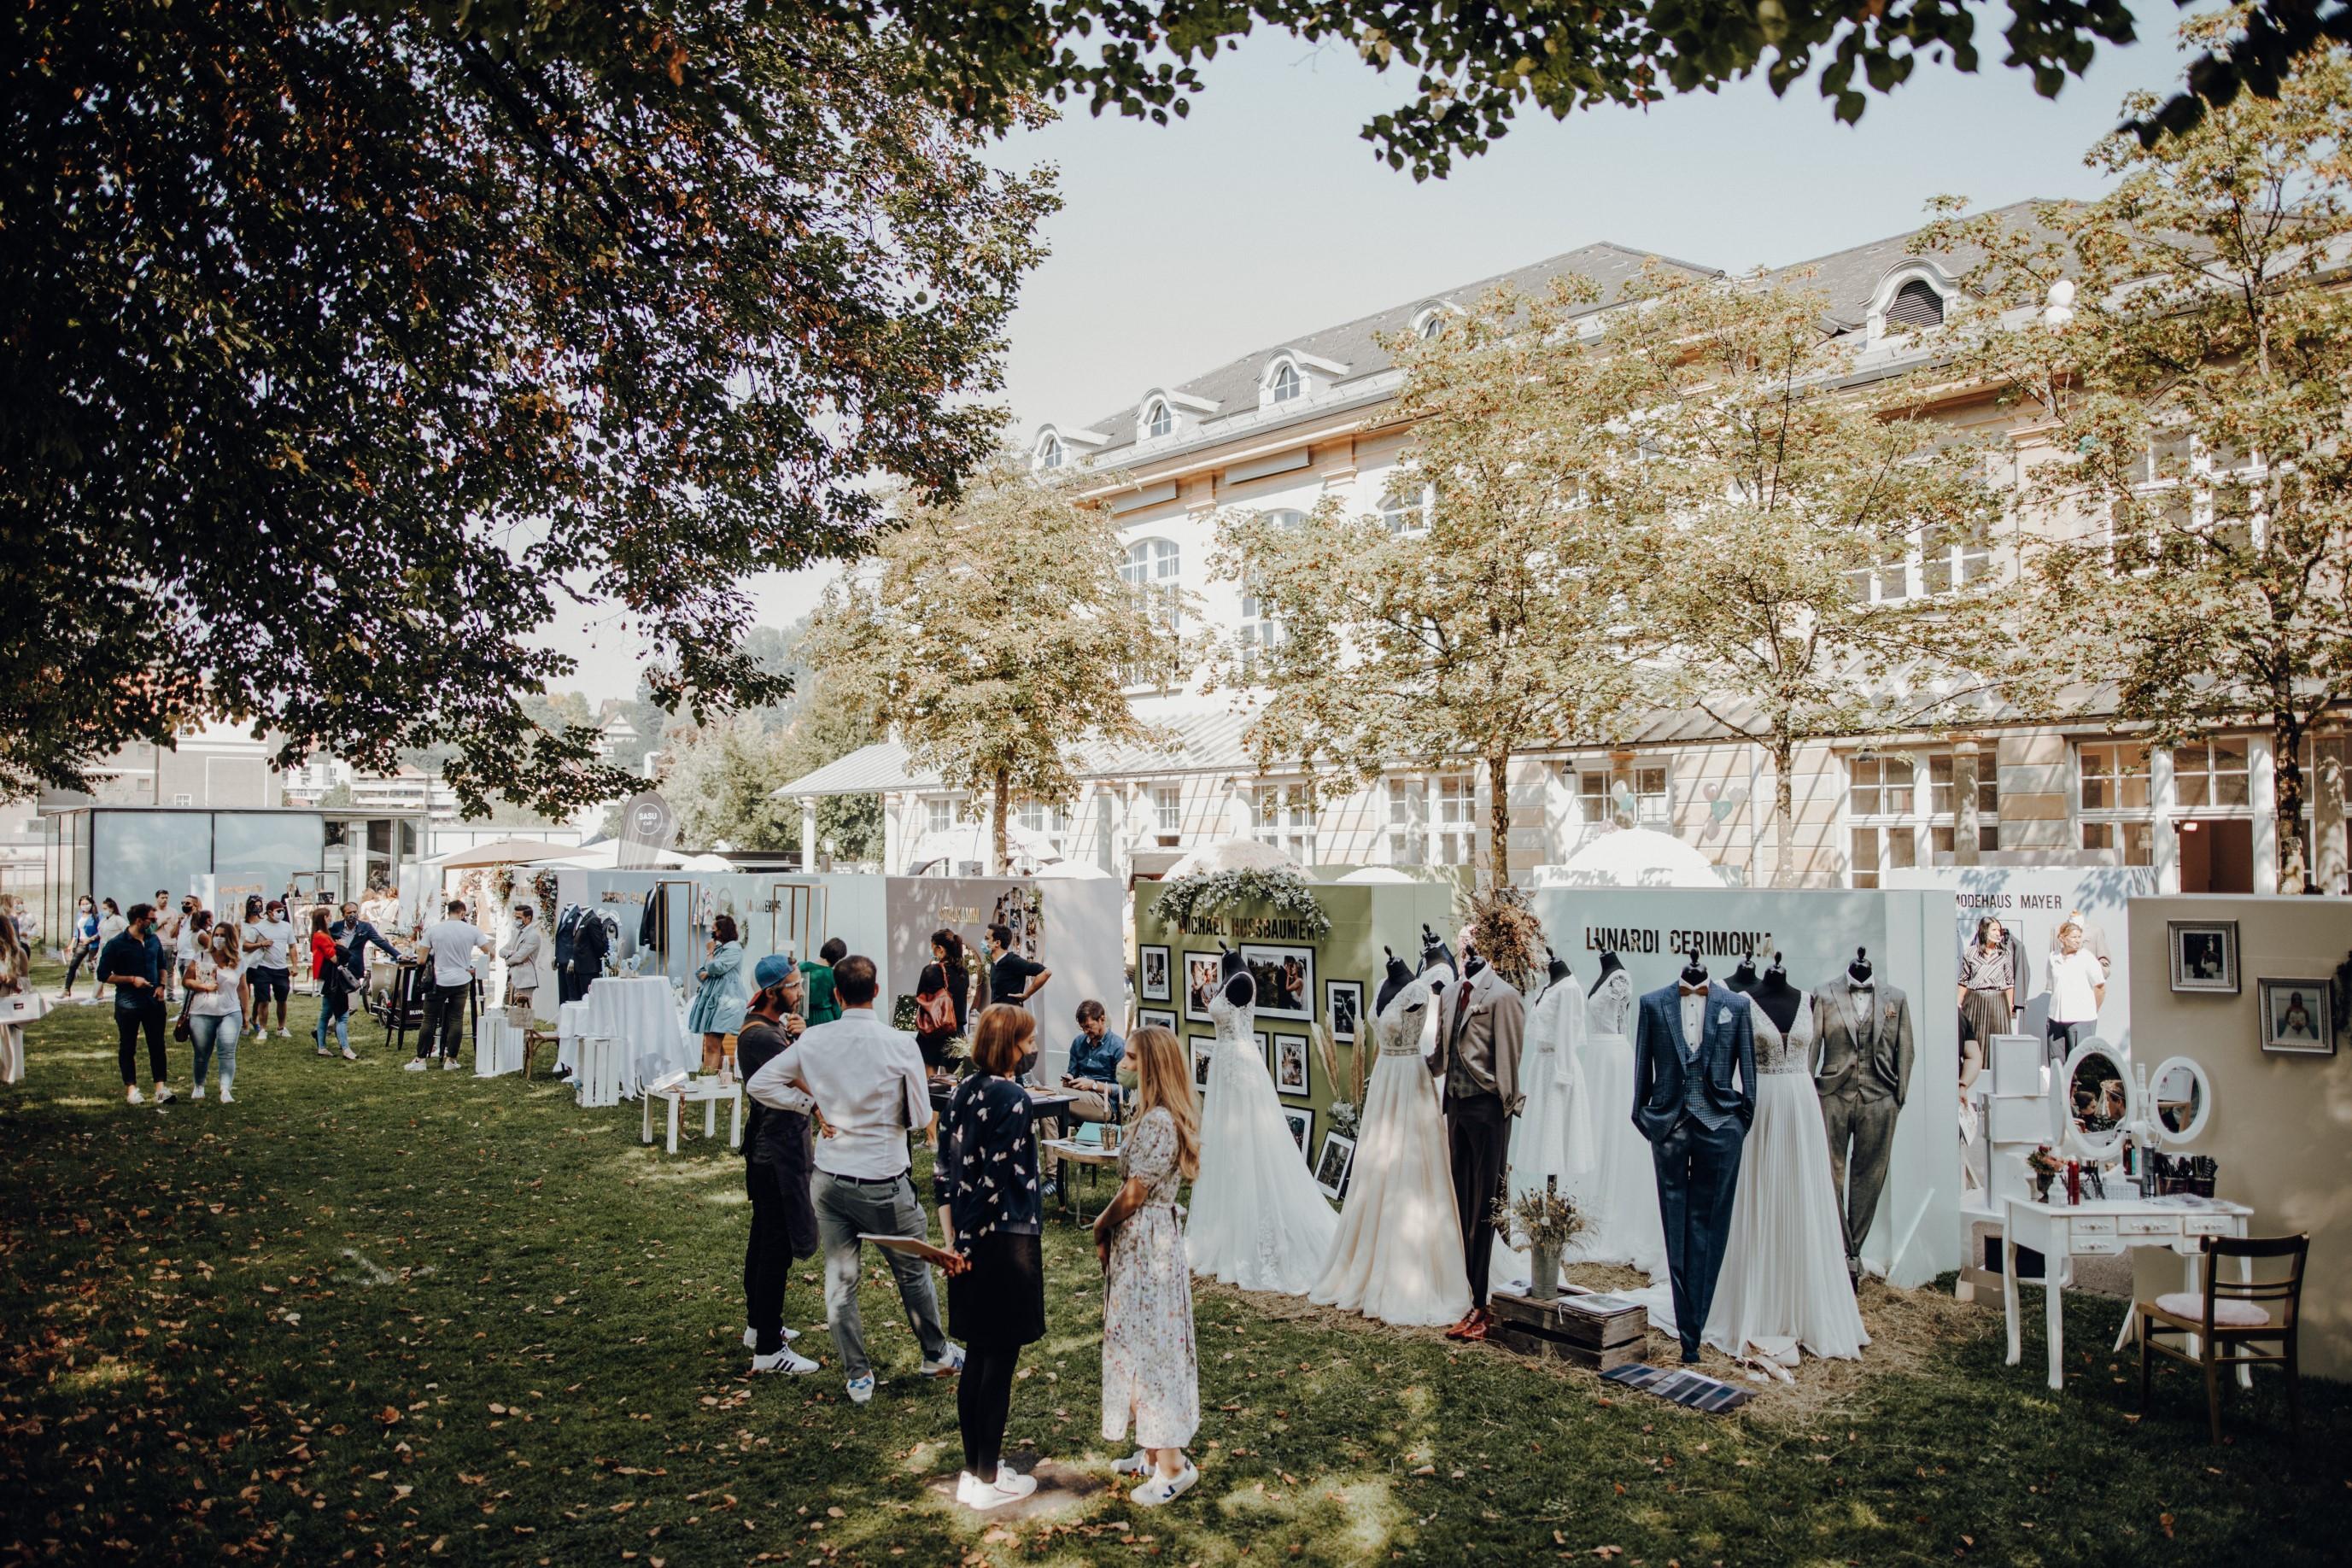 Hochzeitsmesse Feldkirch |Luft & Liebe Hochzeitsfestival